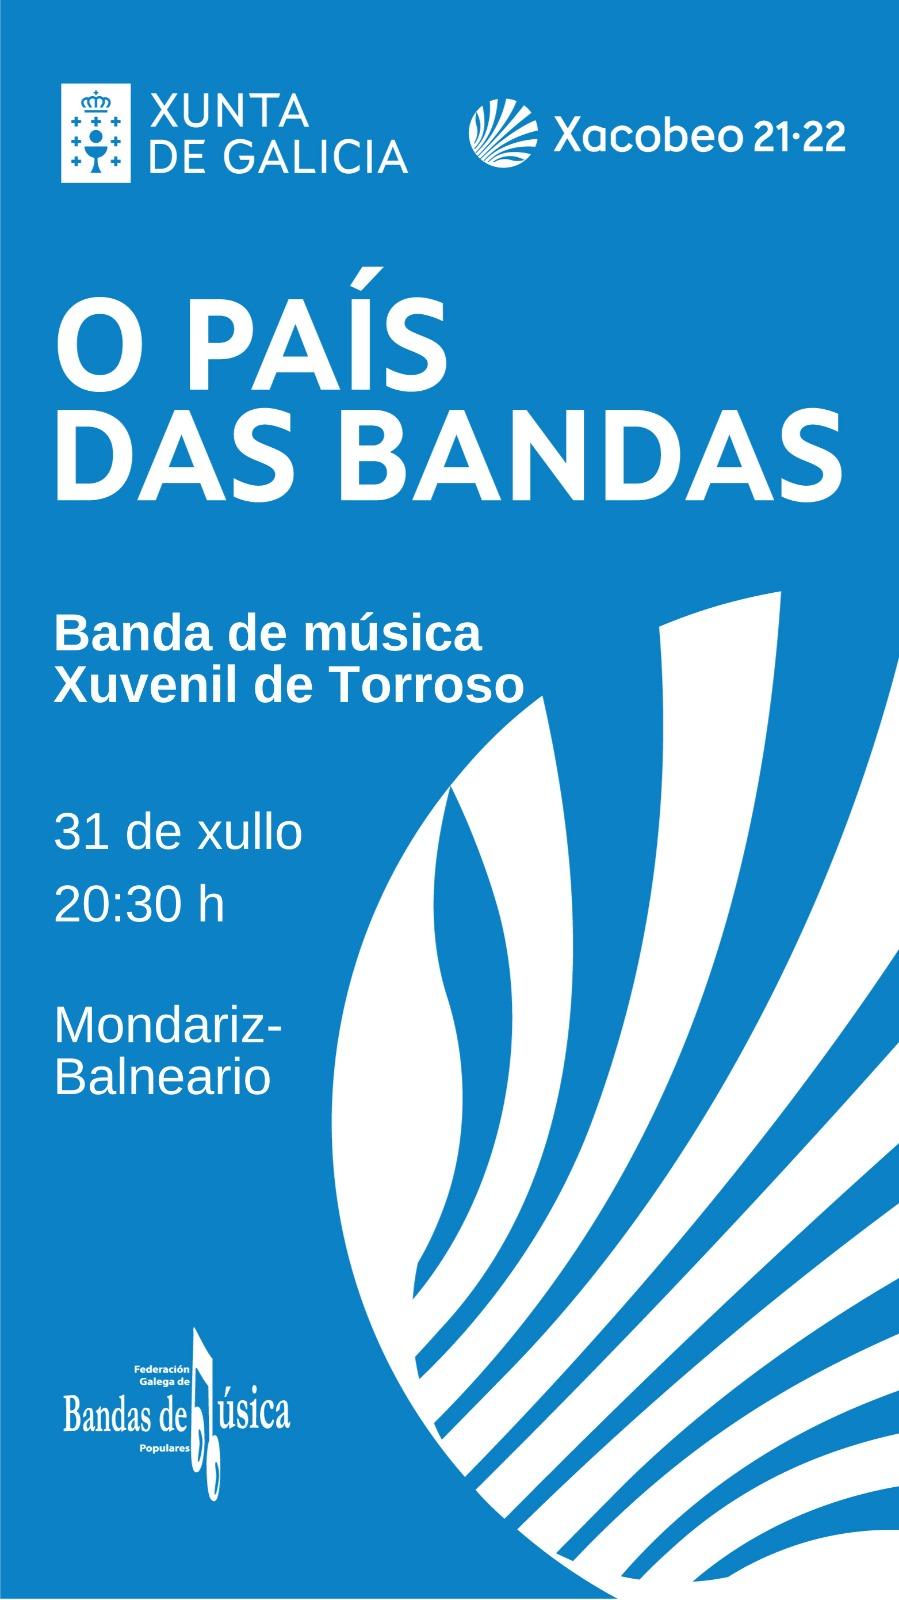 pais bandas concerto mondariz balneario